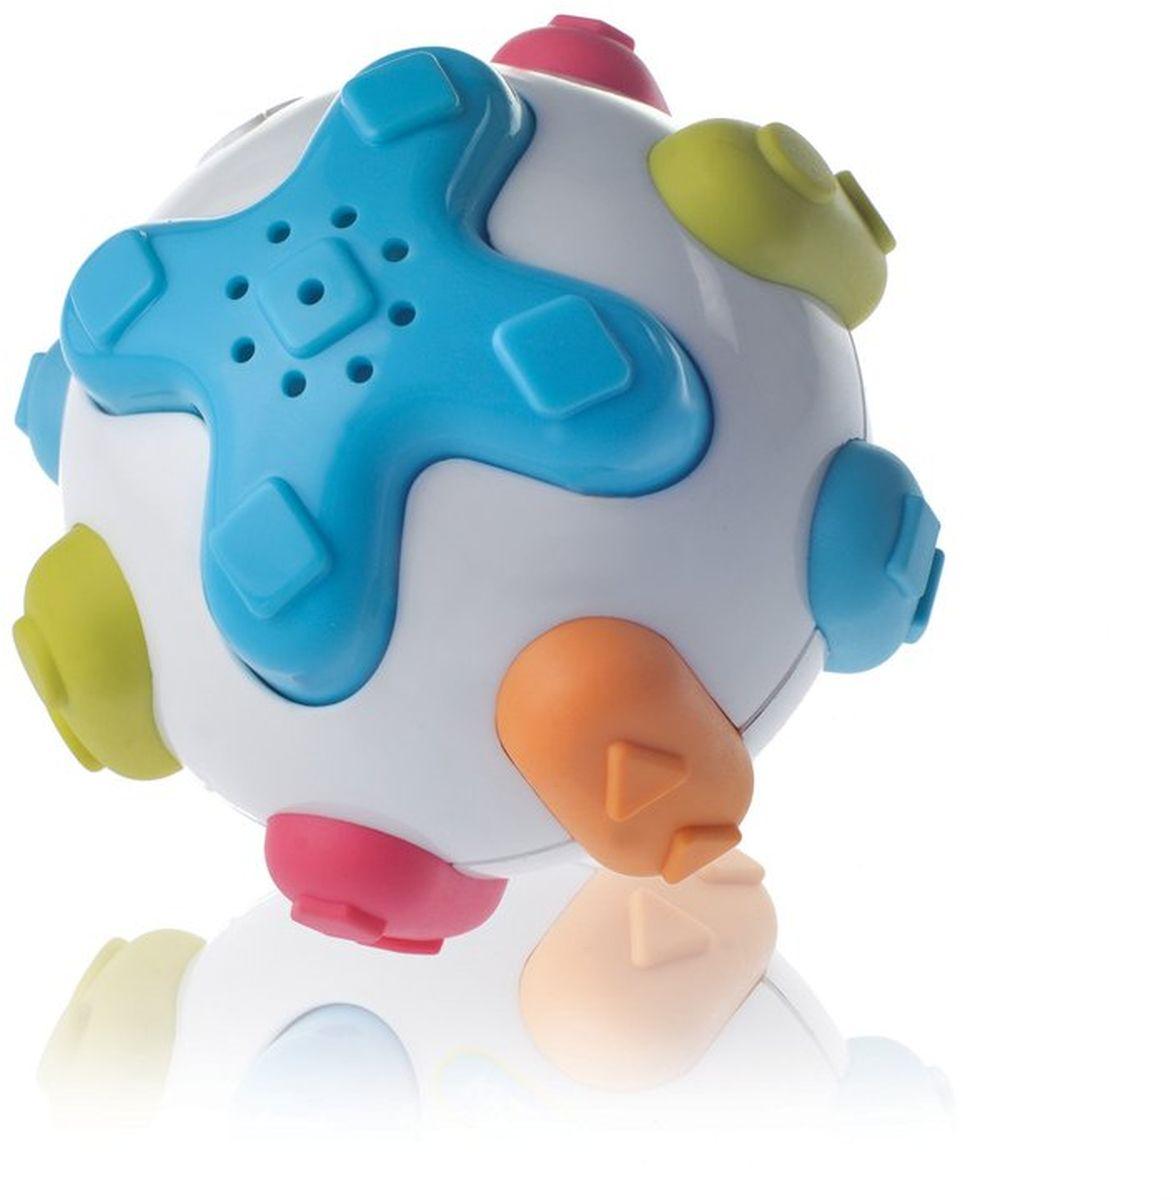 Kidsme Развивающая игрушка Слушай и учись9278Используйте кнопки для прослушивания звуков, которые издают животные. - Издает звуки 4 различных животных; - Помогает развивать логику; - Выступающие поверхности для прорезывания зубов; - Тренирует слух и навыки распознавания цветов. Обучающая игрушка сделана из качественных и безопасных для ребенка материалов: Polypropylen, TPR и ABS. Возраст: 6 месяцев